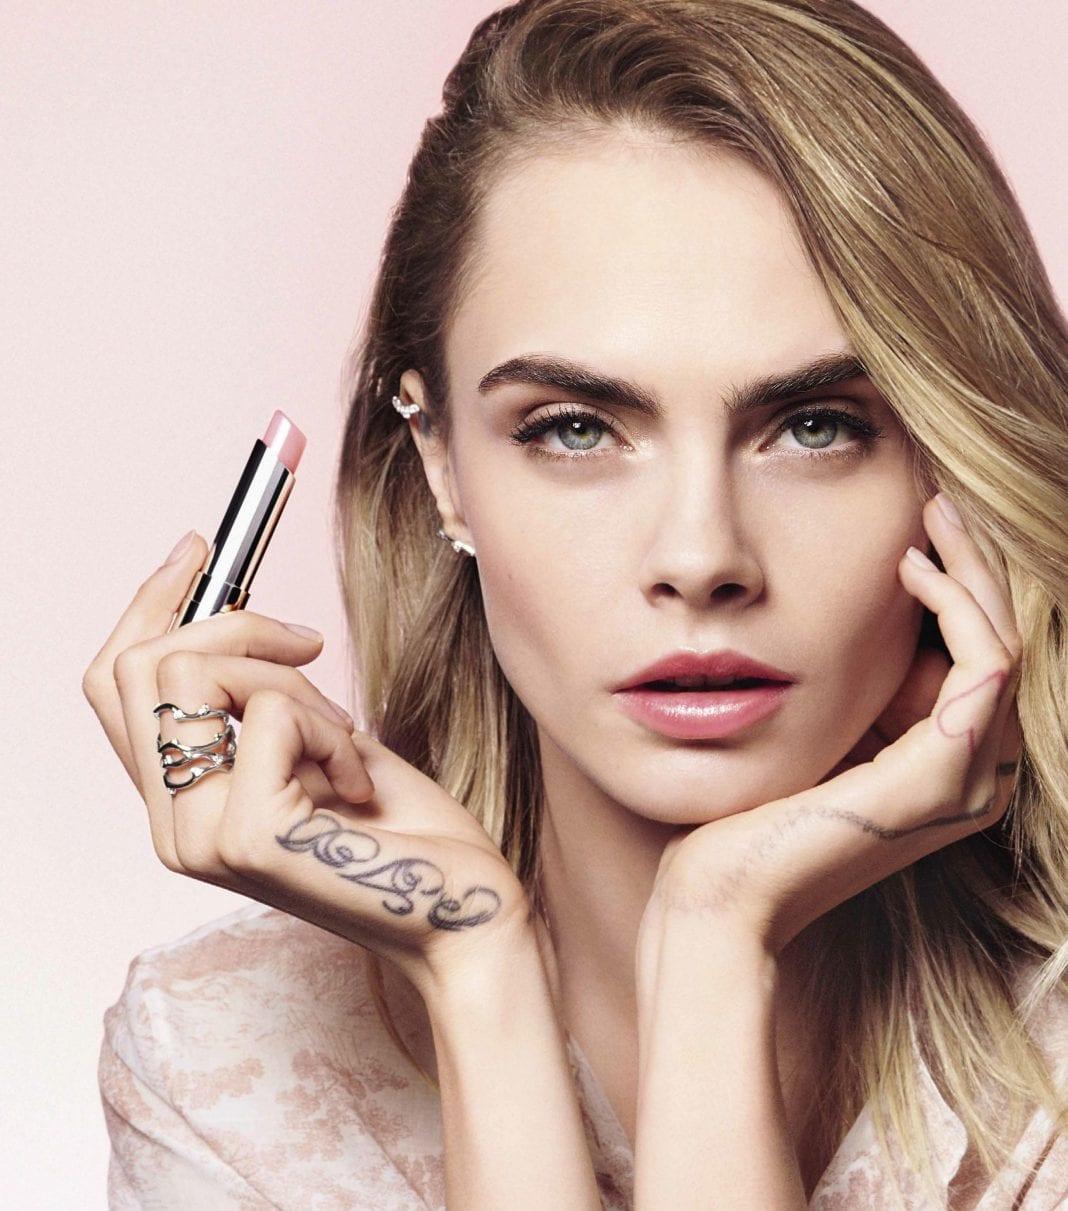 H Cara Delevigne πρωταγωνιστεί στη νέα καμπάνια του Lip Glow του οίκου Dior